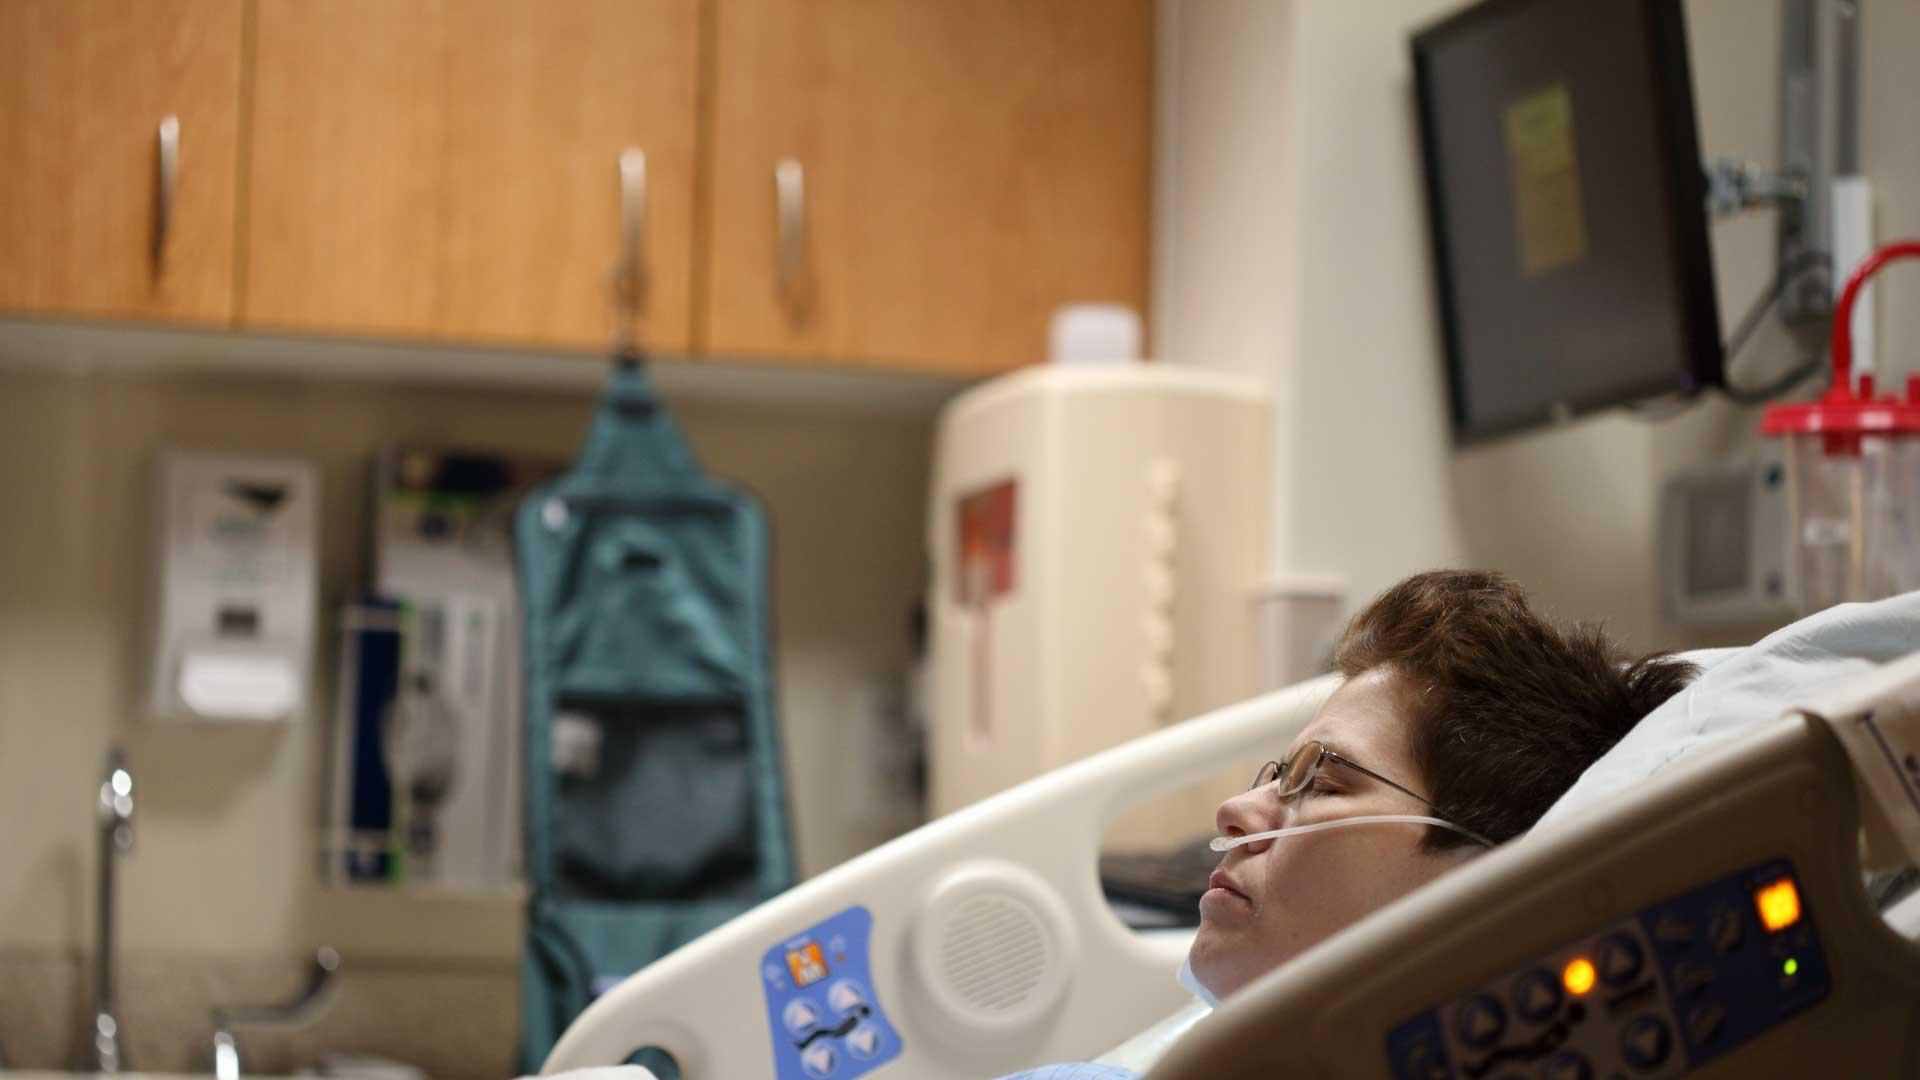 Our Patient